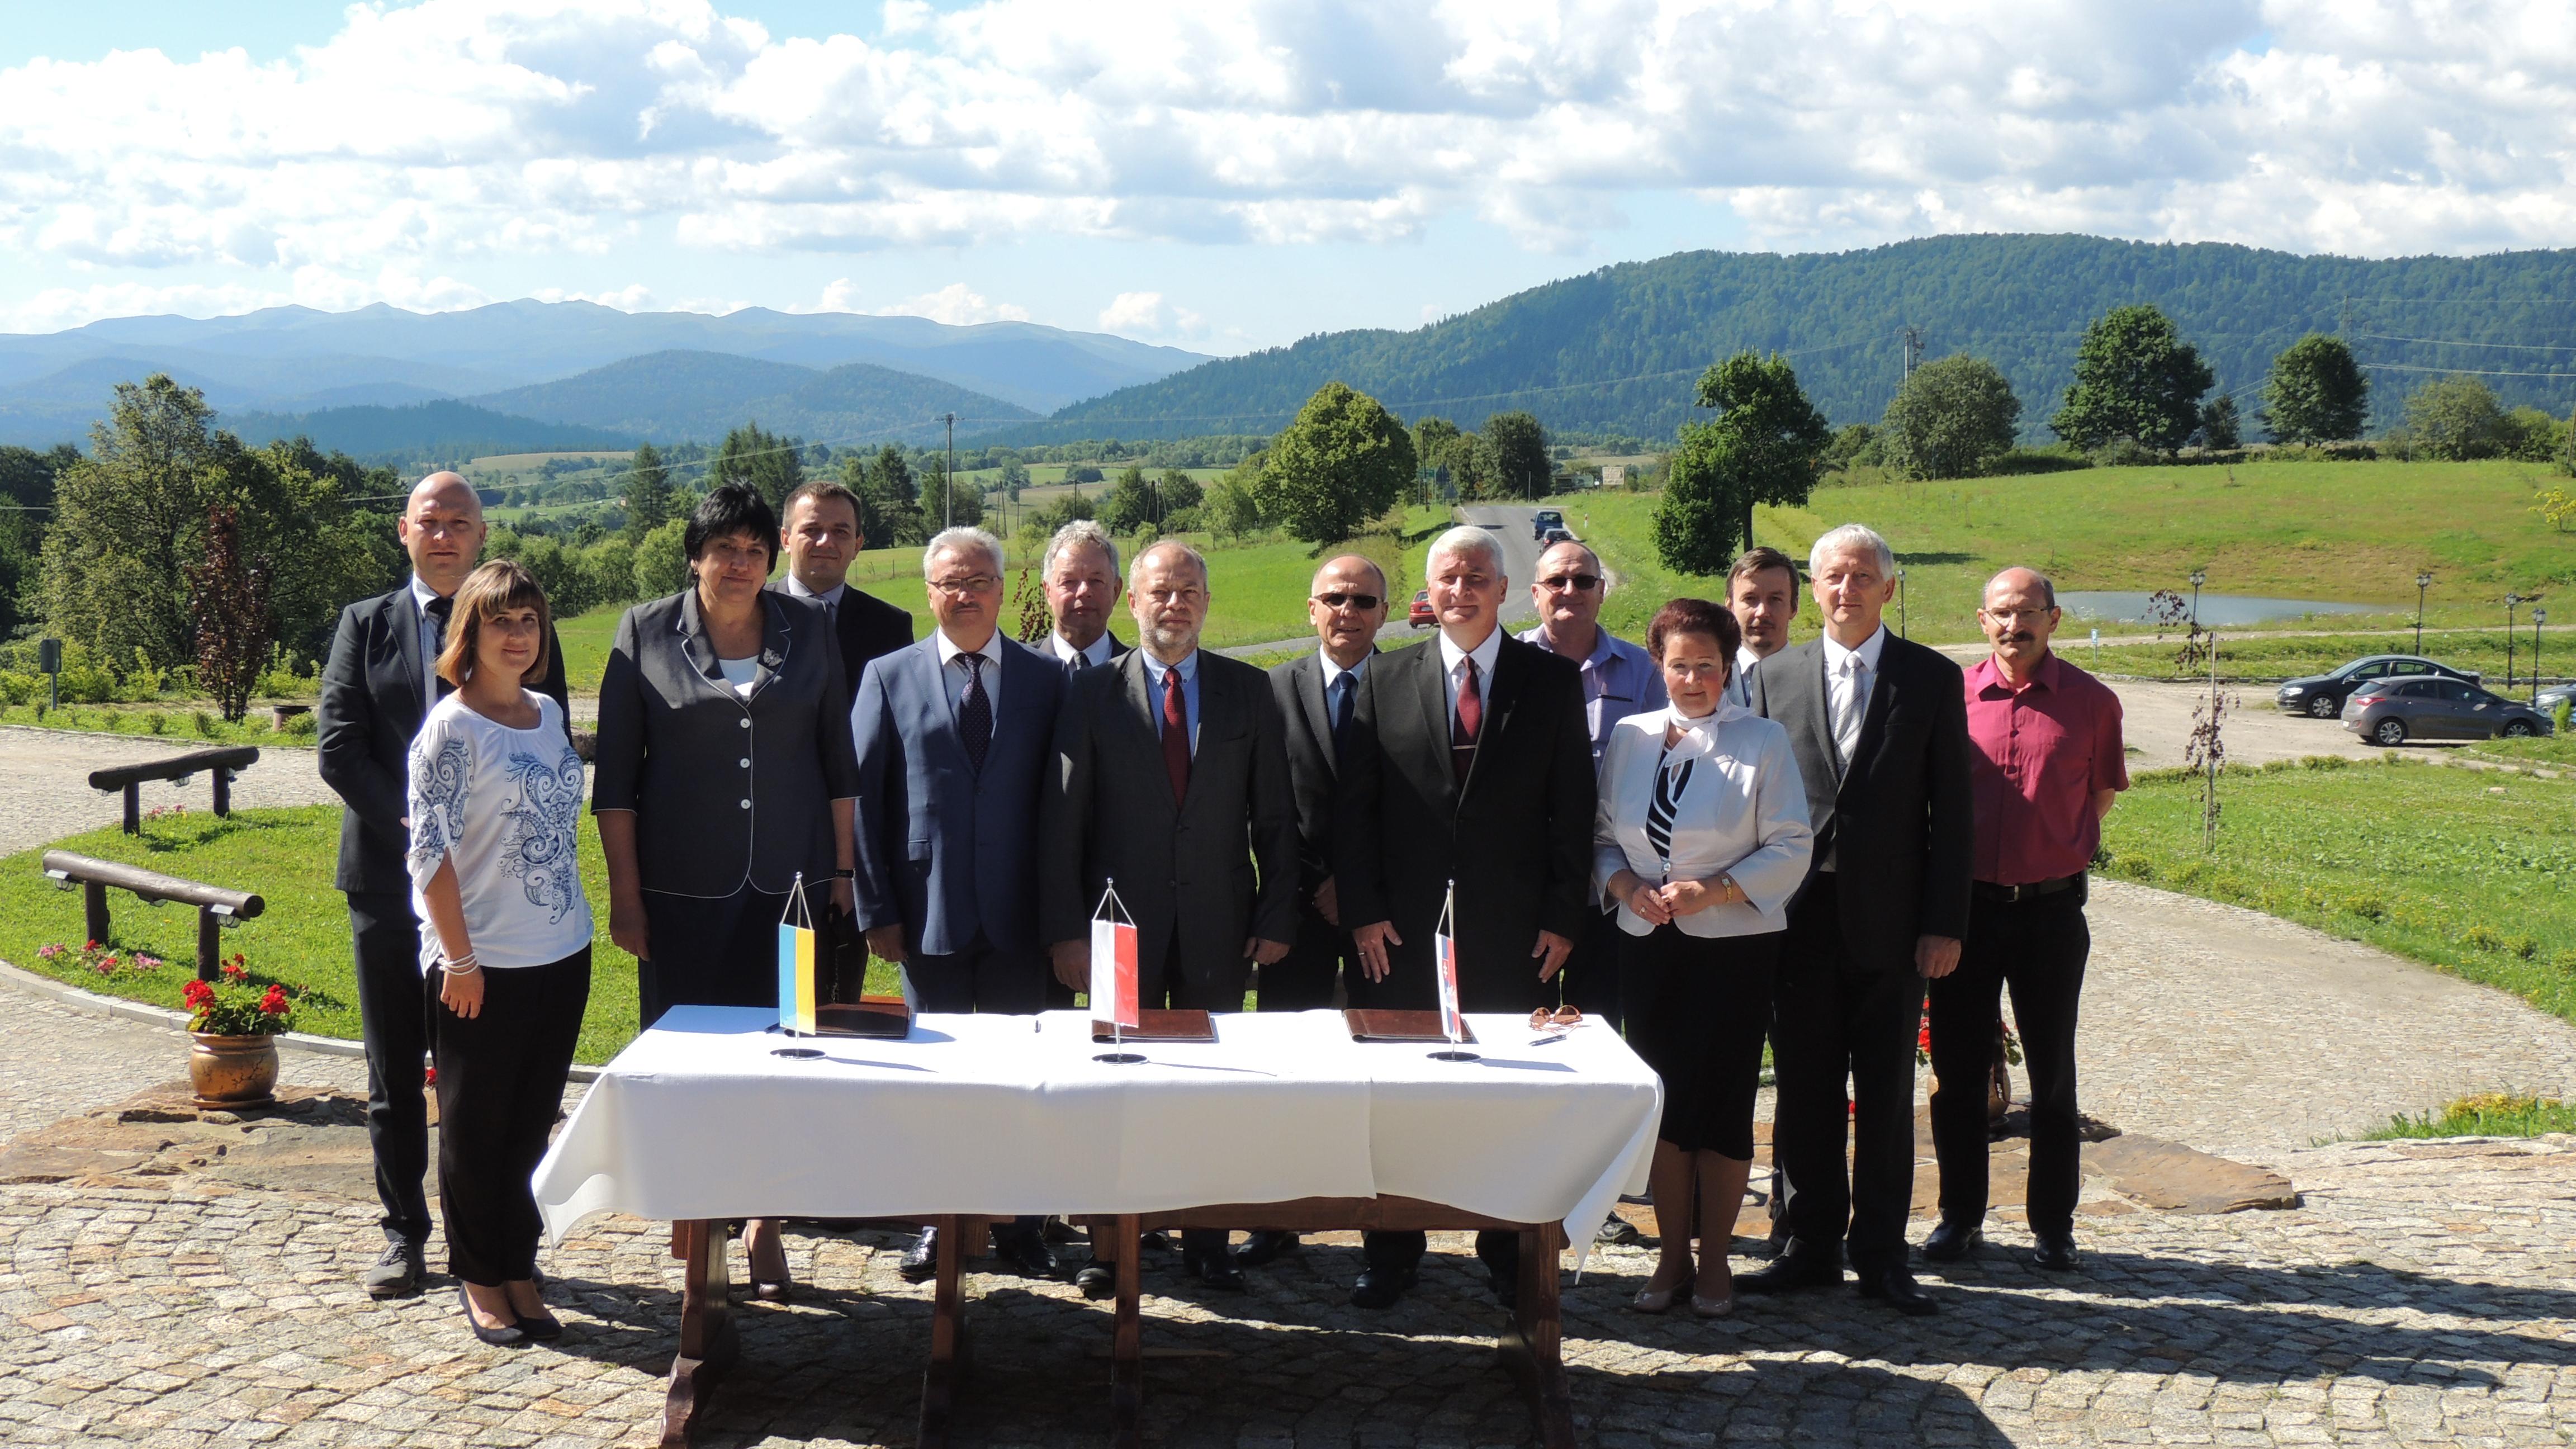 Pracovné stretnutie NKÚ SR so zástupcami NKI Poľska a Ukrajiny